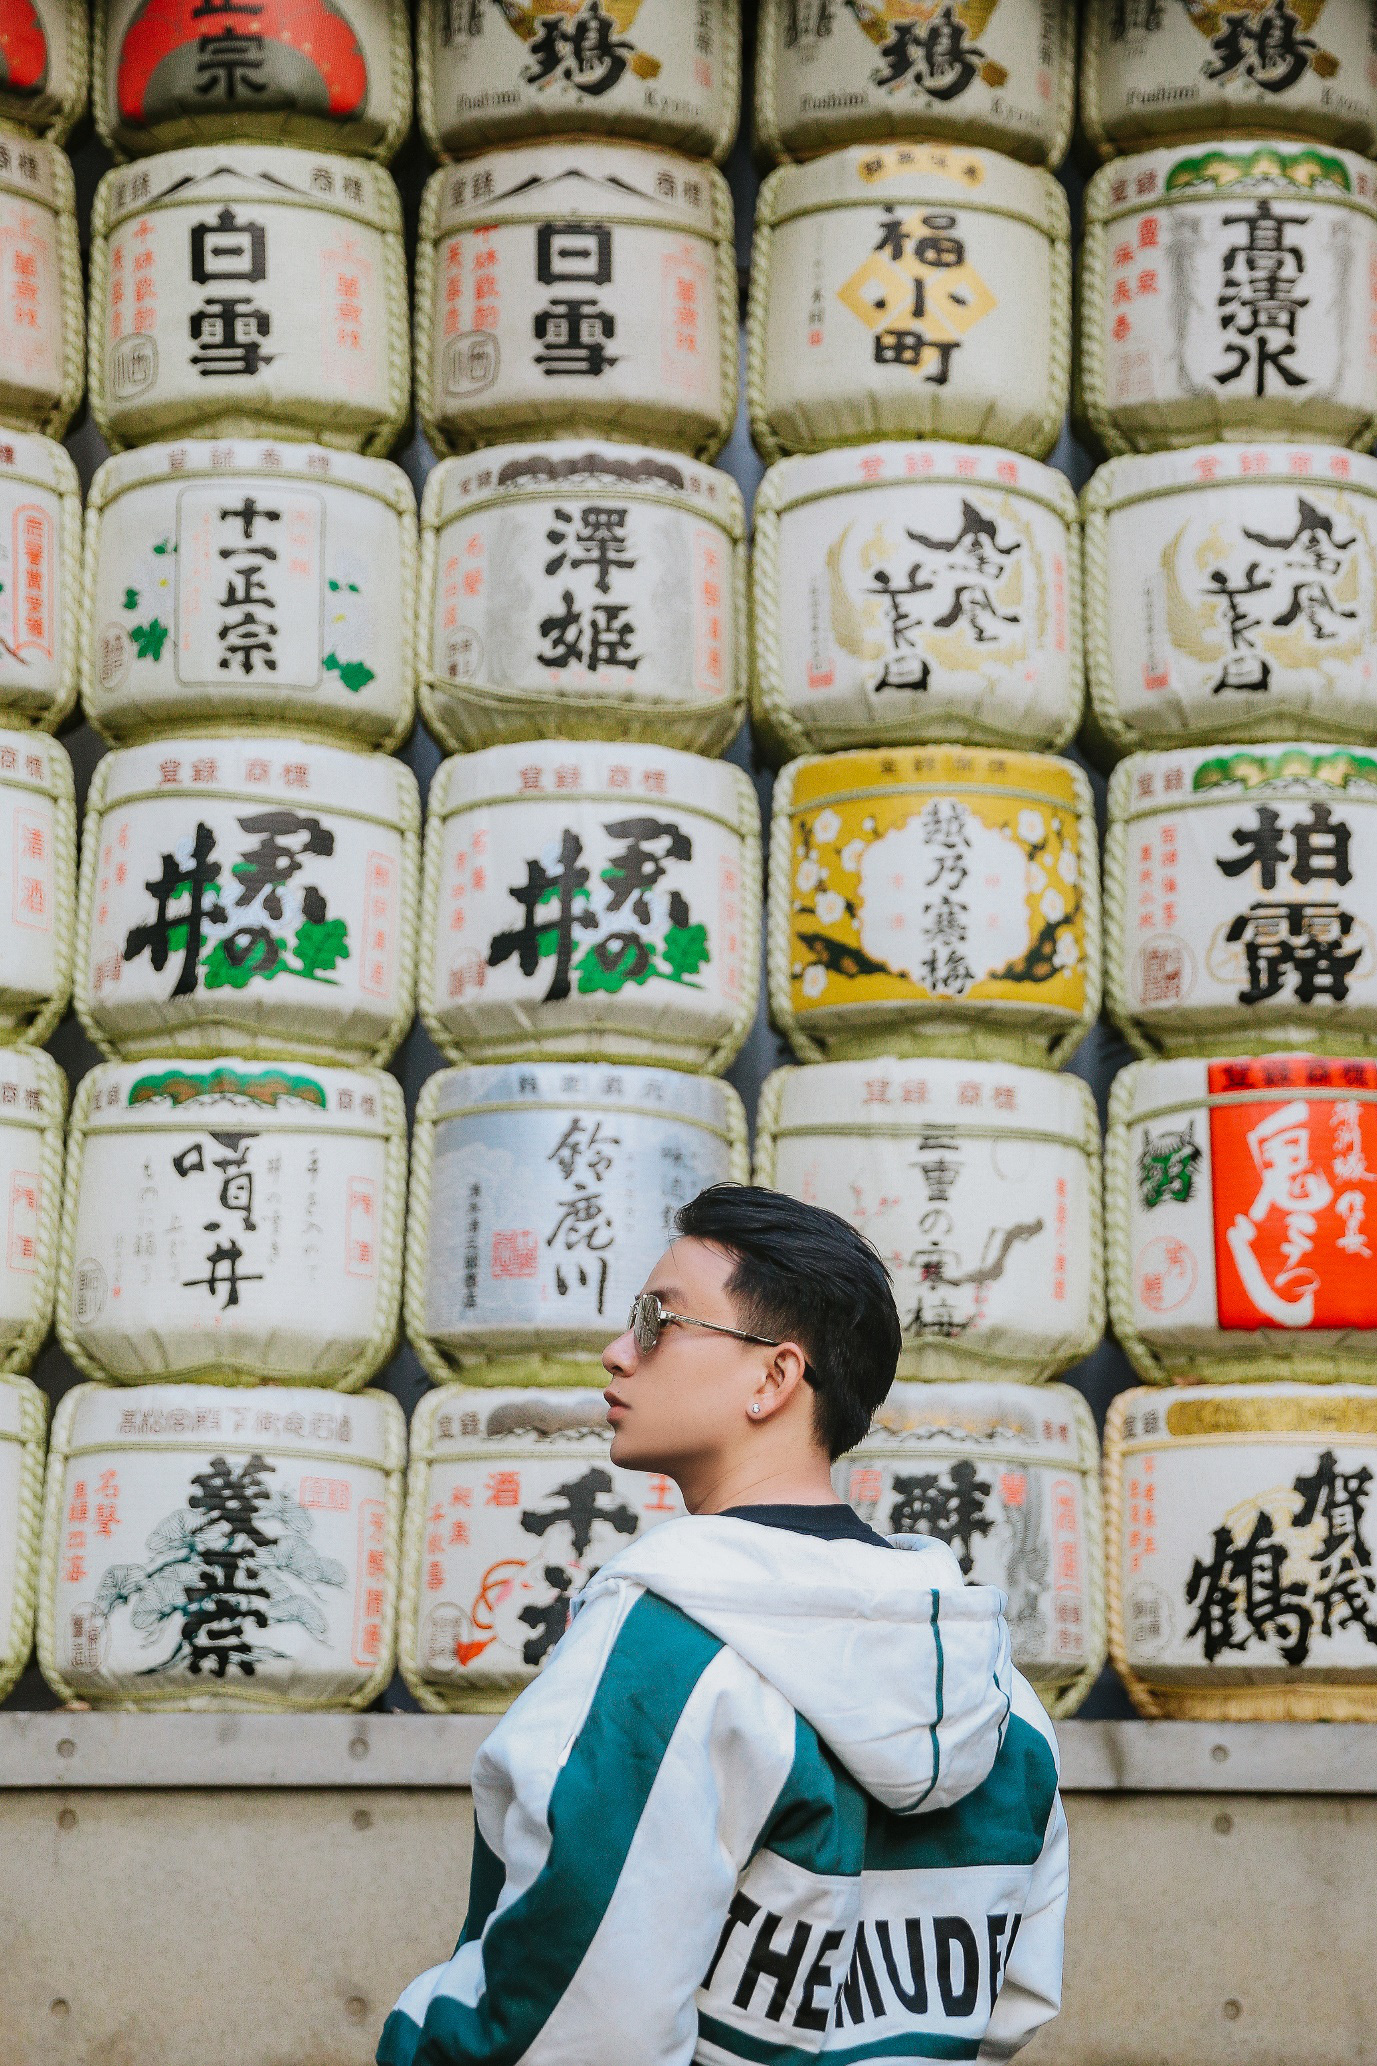 Khám phá những địa danh không thể bỏ qua trong chuyến đi Nhật Bản dành cho những tín đồ mê xê dịch - Ảnh 3.